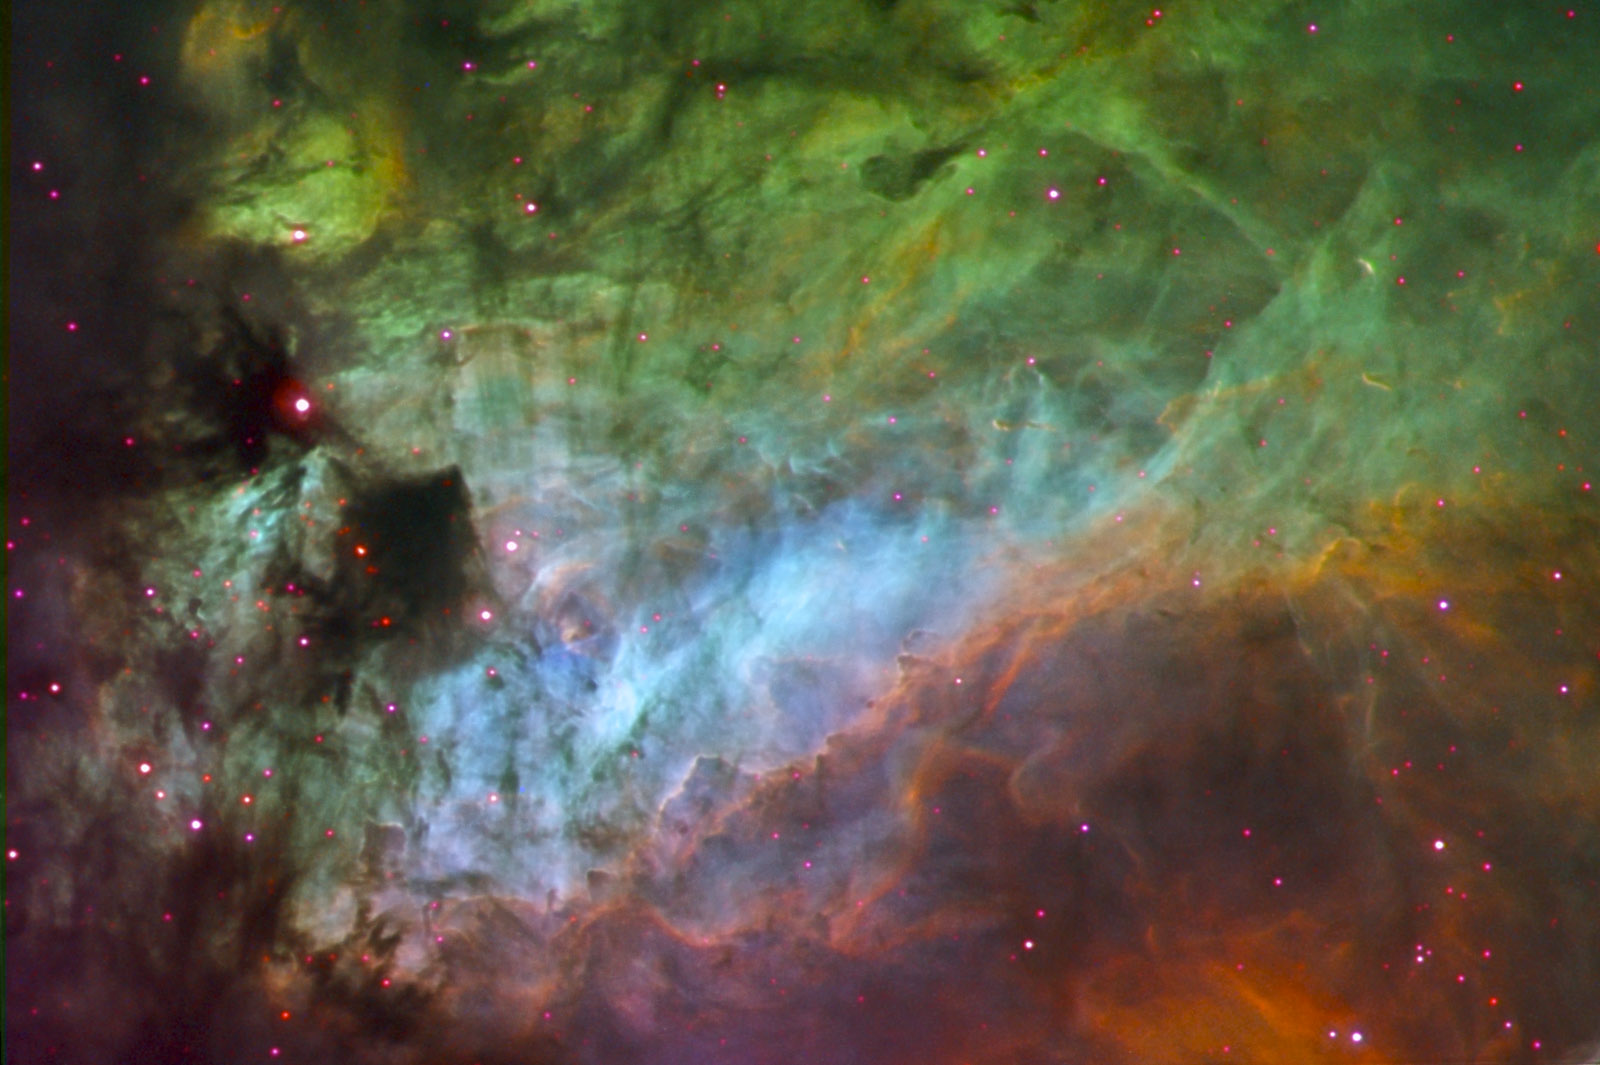 omega nebula nasa - photo #15